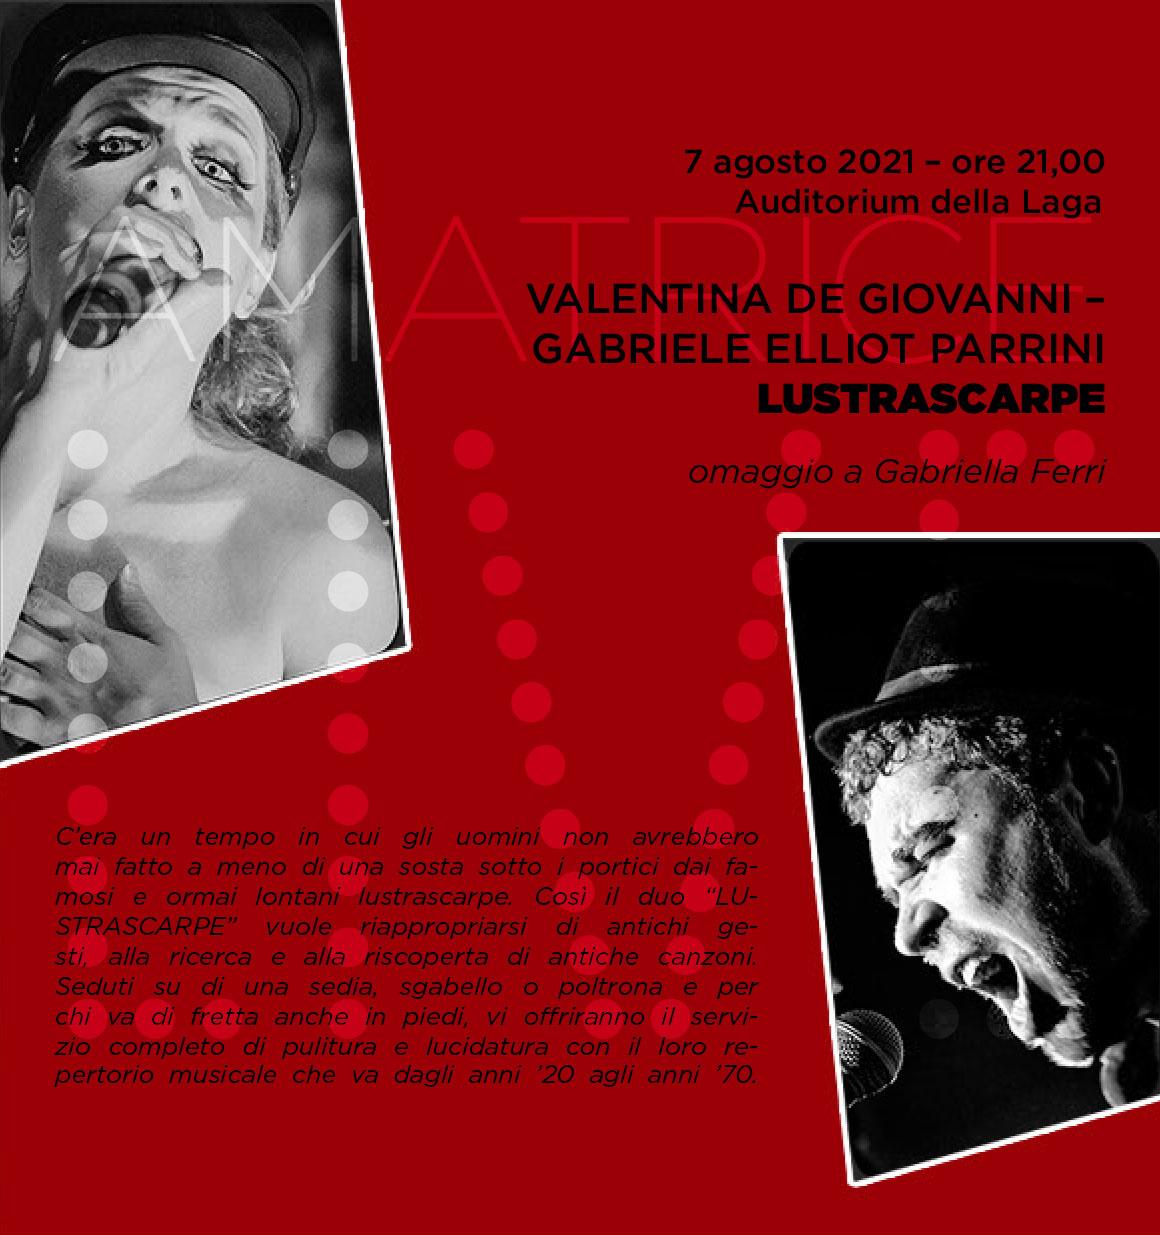 Amatrice Live / Lustrascarpe, omaggio a Gabriella Ferri